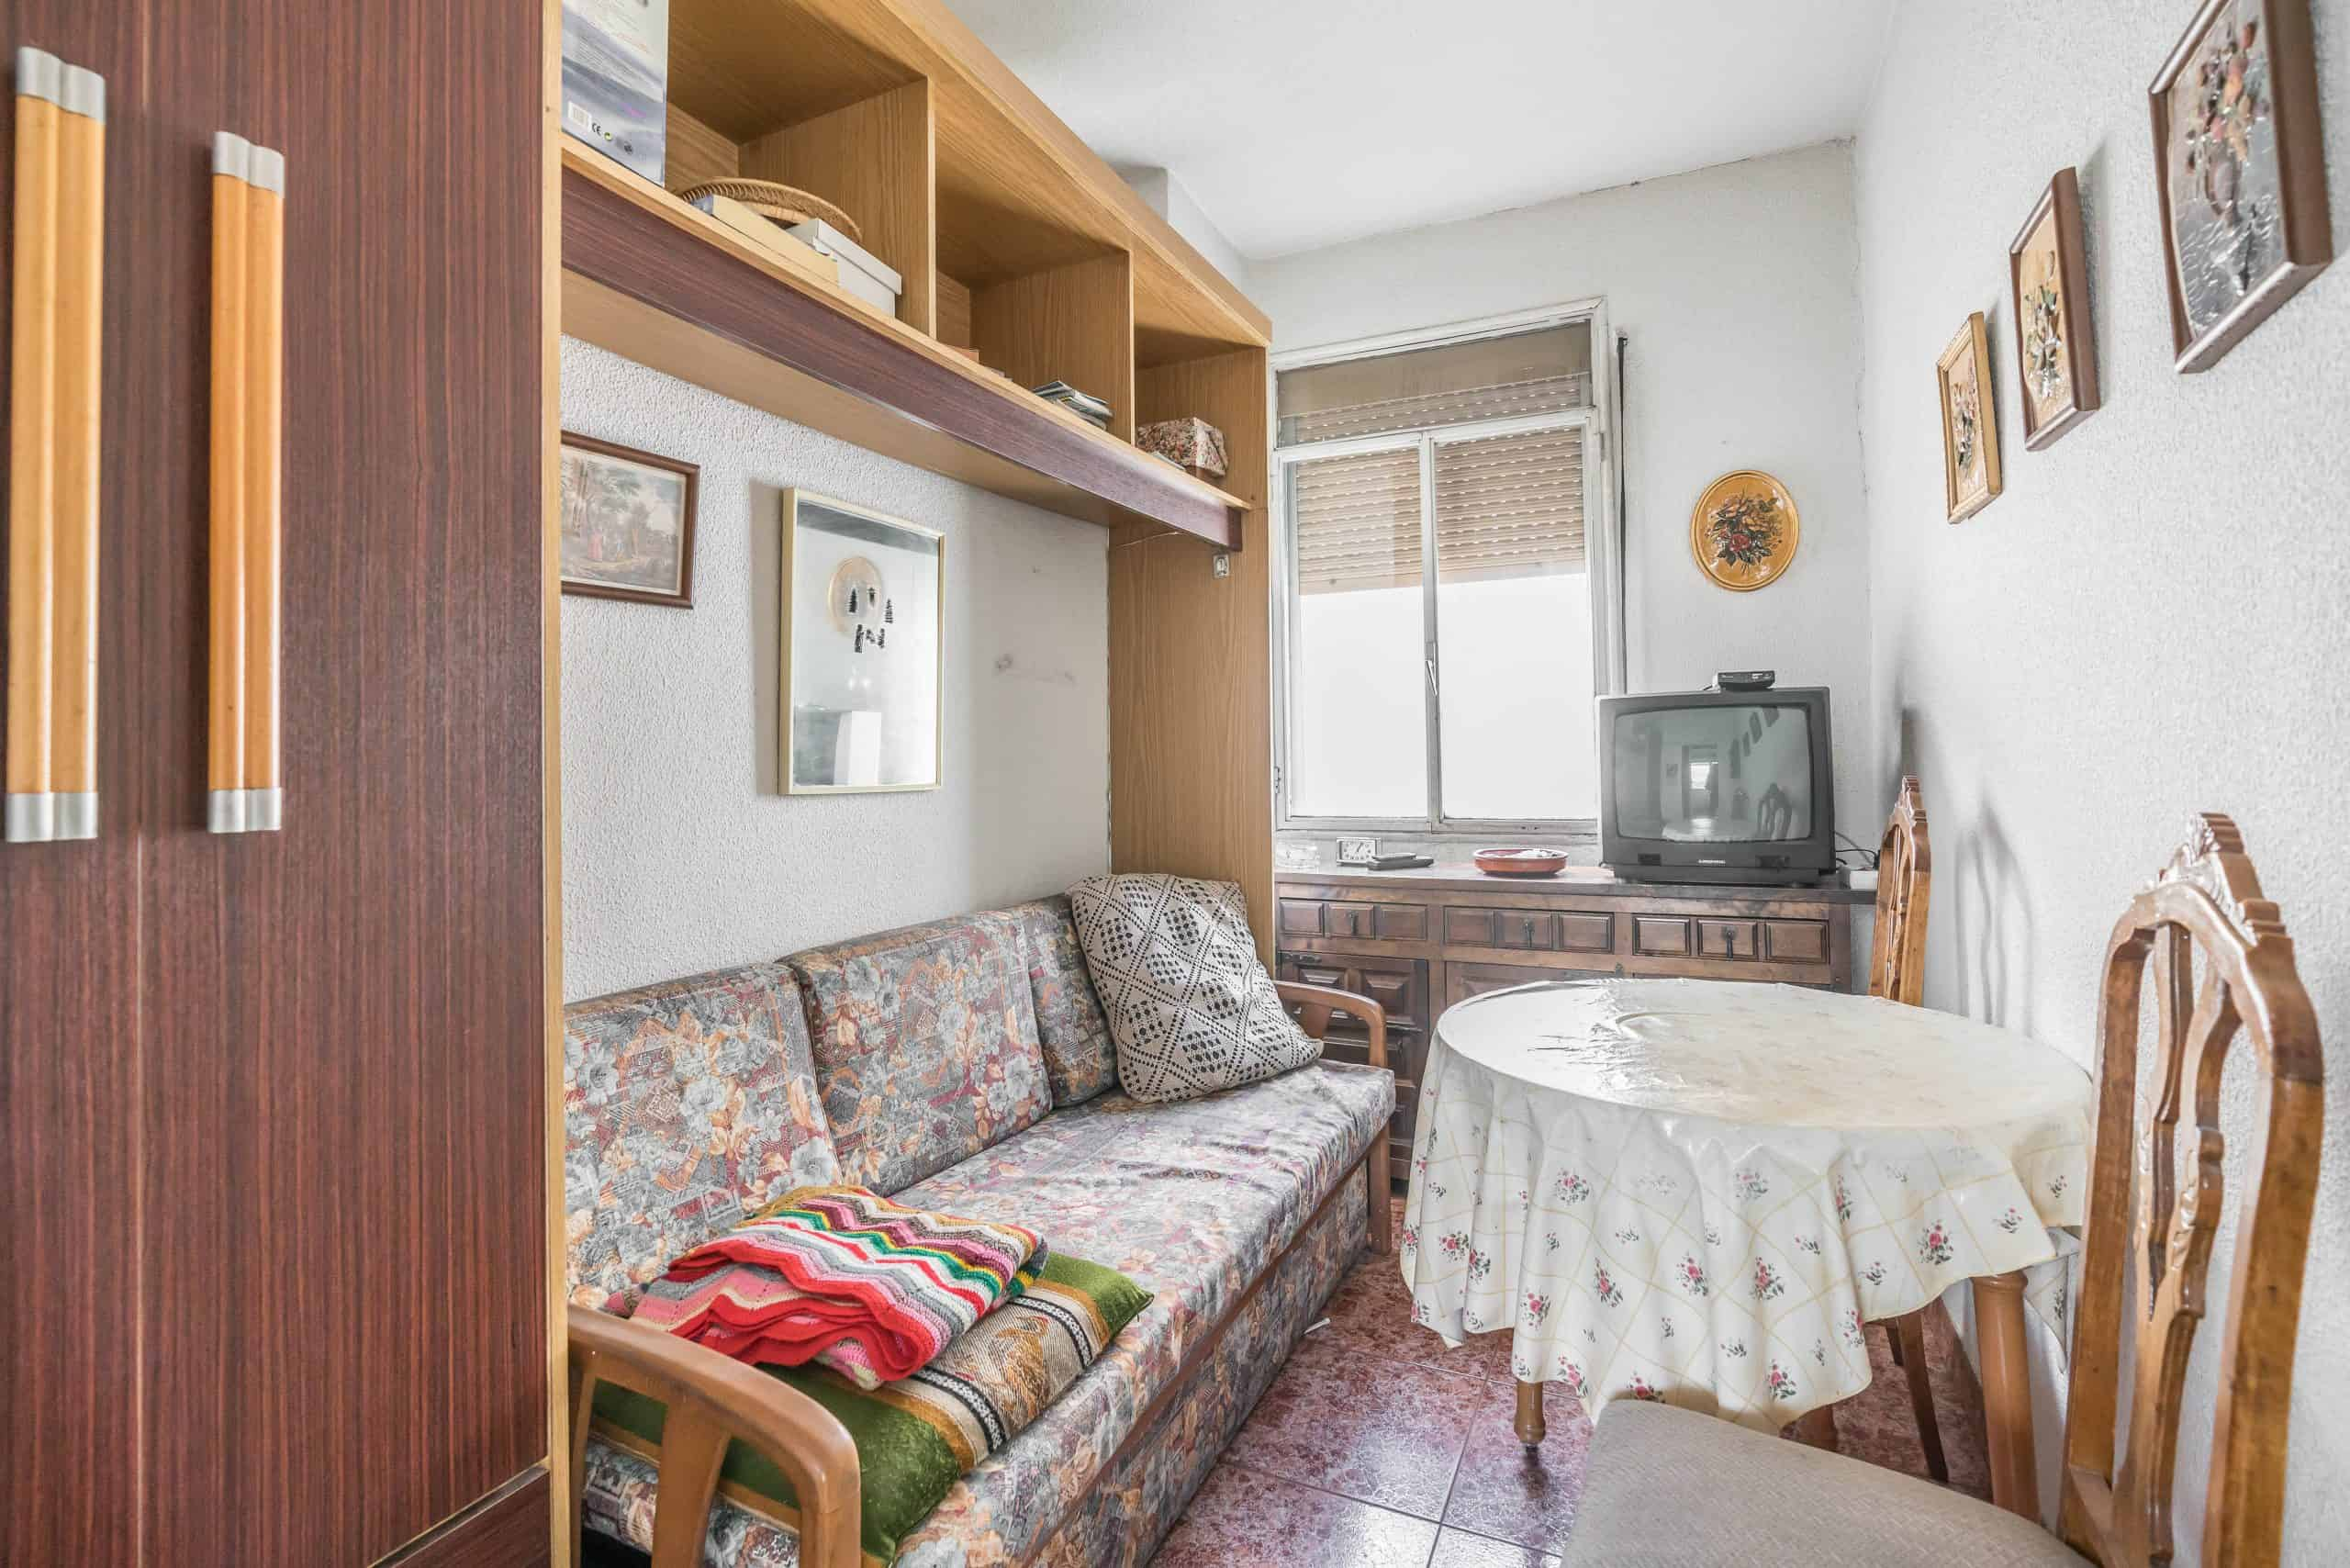 Agencia Inmobiliaria de Madrid-FUTUROCASA-Zona ARGANZUELA-EMBAJADORES-LEGAZPI -calle DOMINGO PEREZ DEL VAL -4 DORMITORIO2 (2)